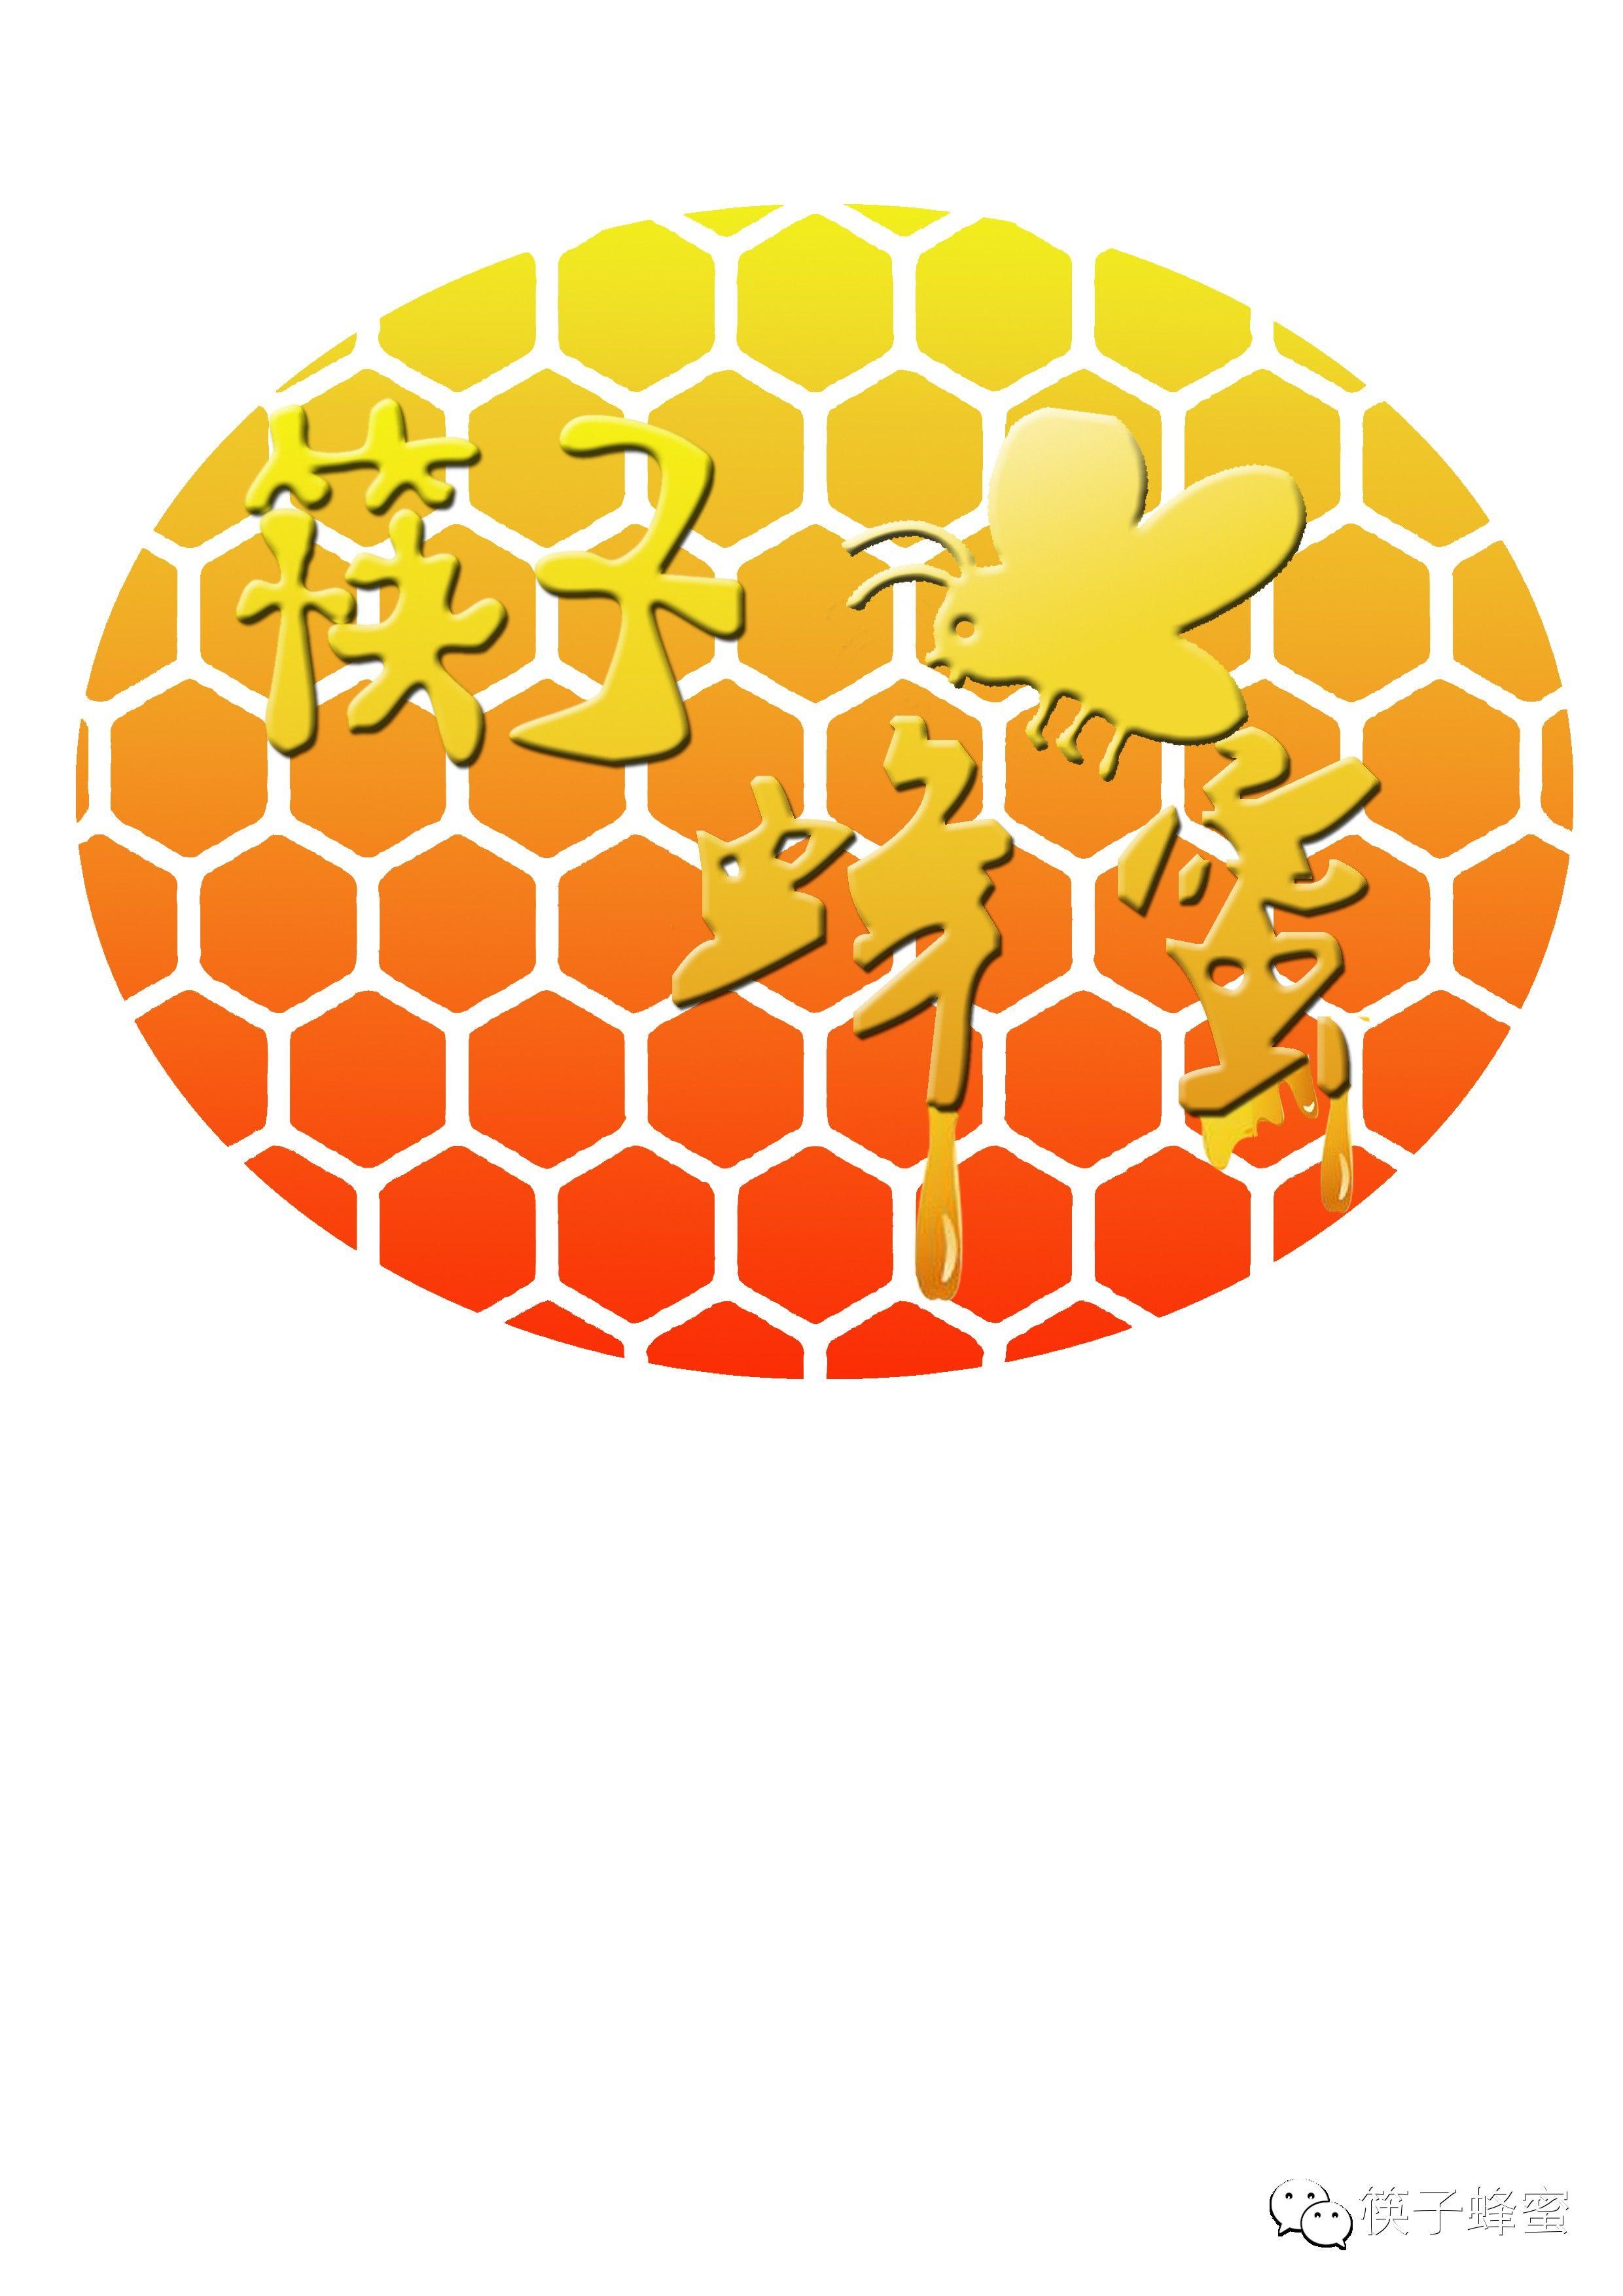 蜂蜜的服用方法和功效大全